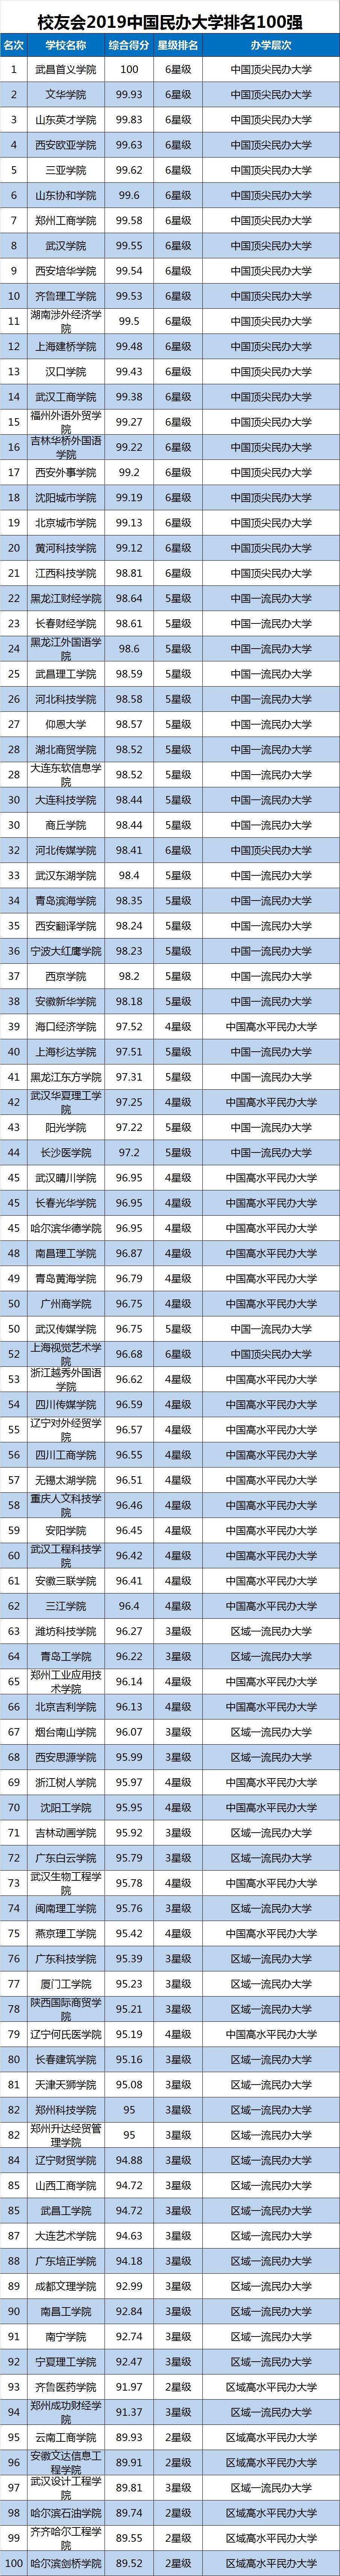 2019中国大学排行榜单最新发布,转给高考生!插图13